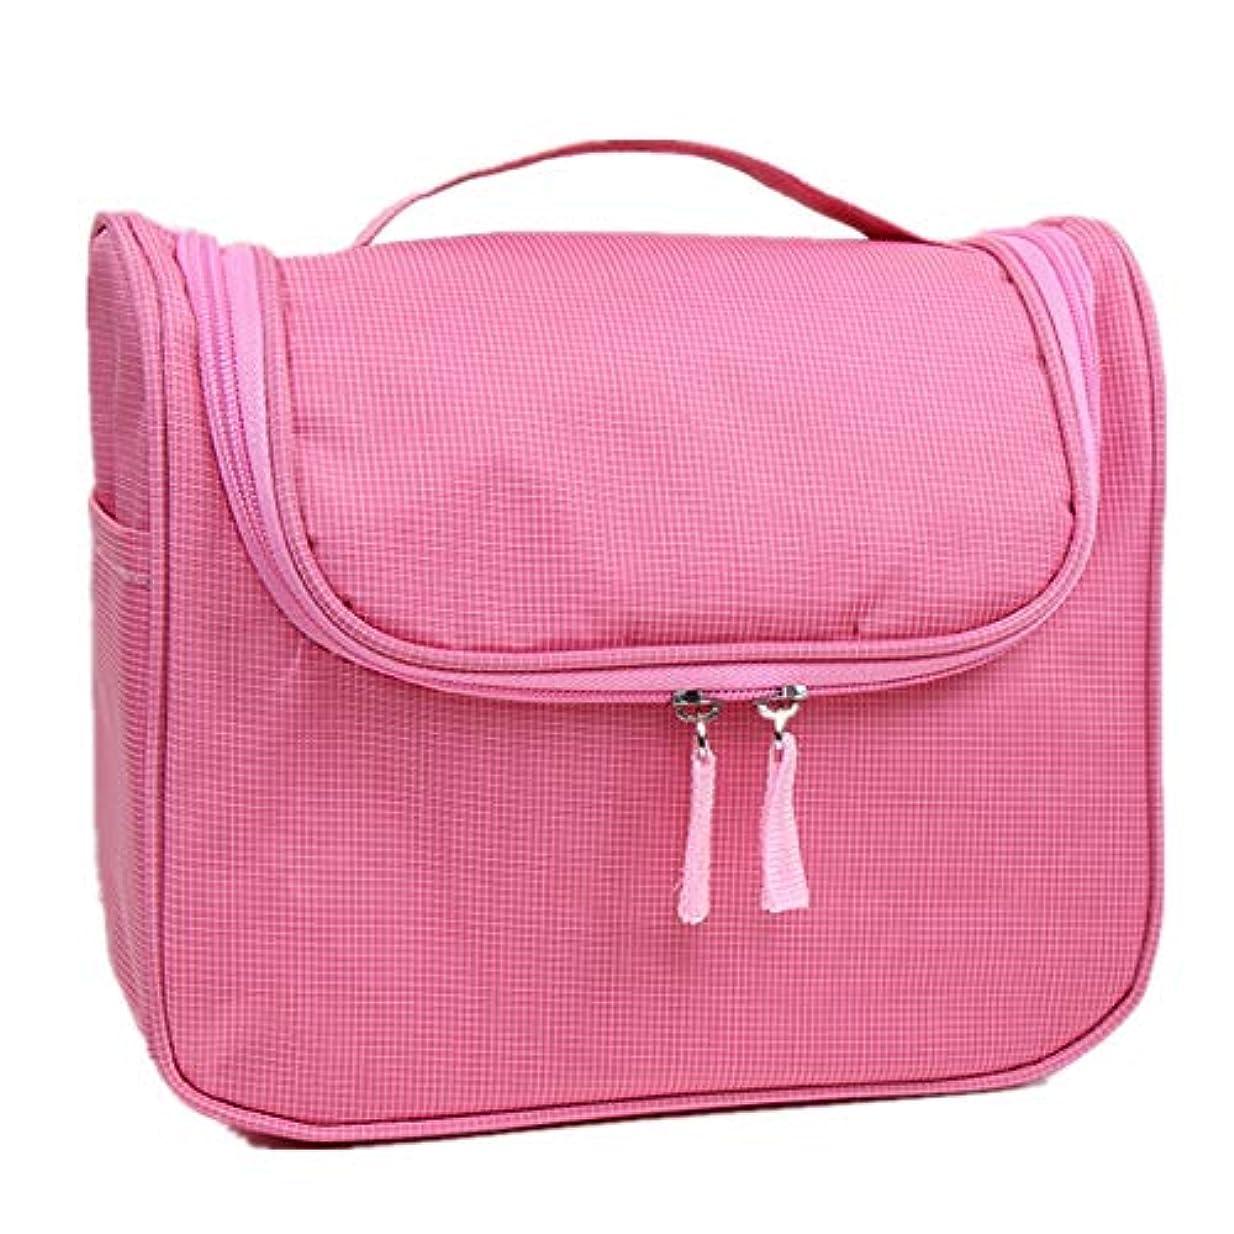 化粧オーガナイザーバッグ 大容量の旅行化粧品バッグ丈夫で耐久性のある洗濯可能な化粧品保管コンセントレーションバッグウォッシュバッグ 化粧品ケース (色 : ピンク)